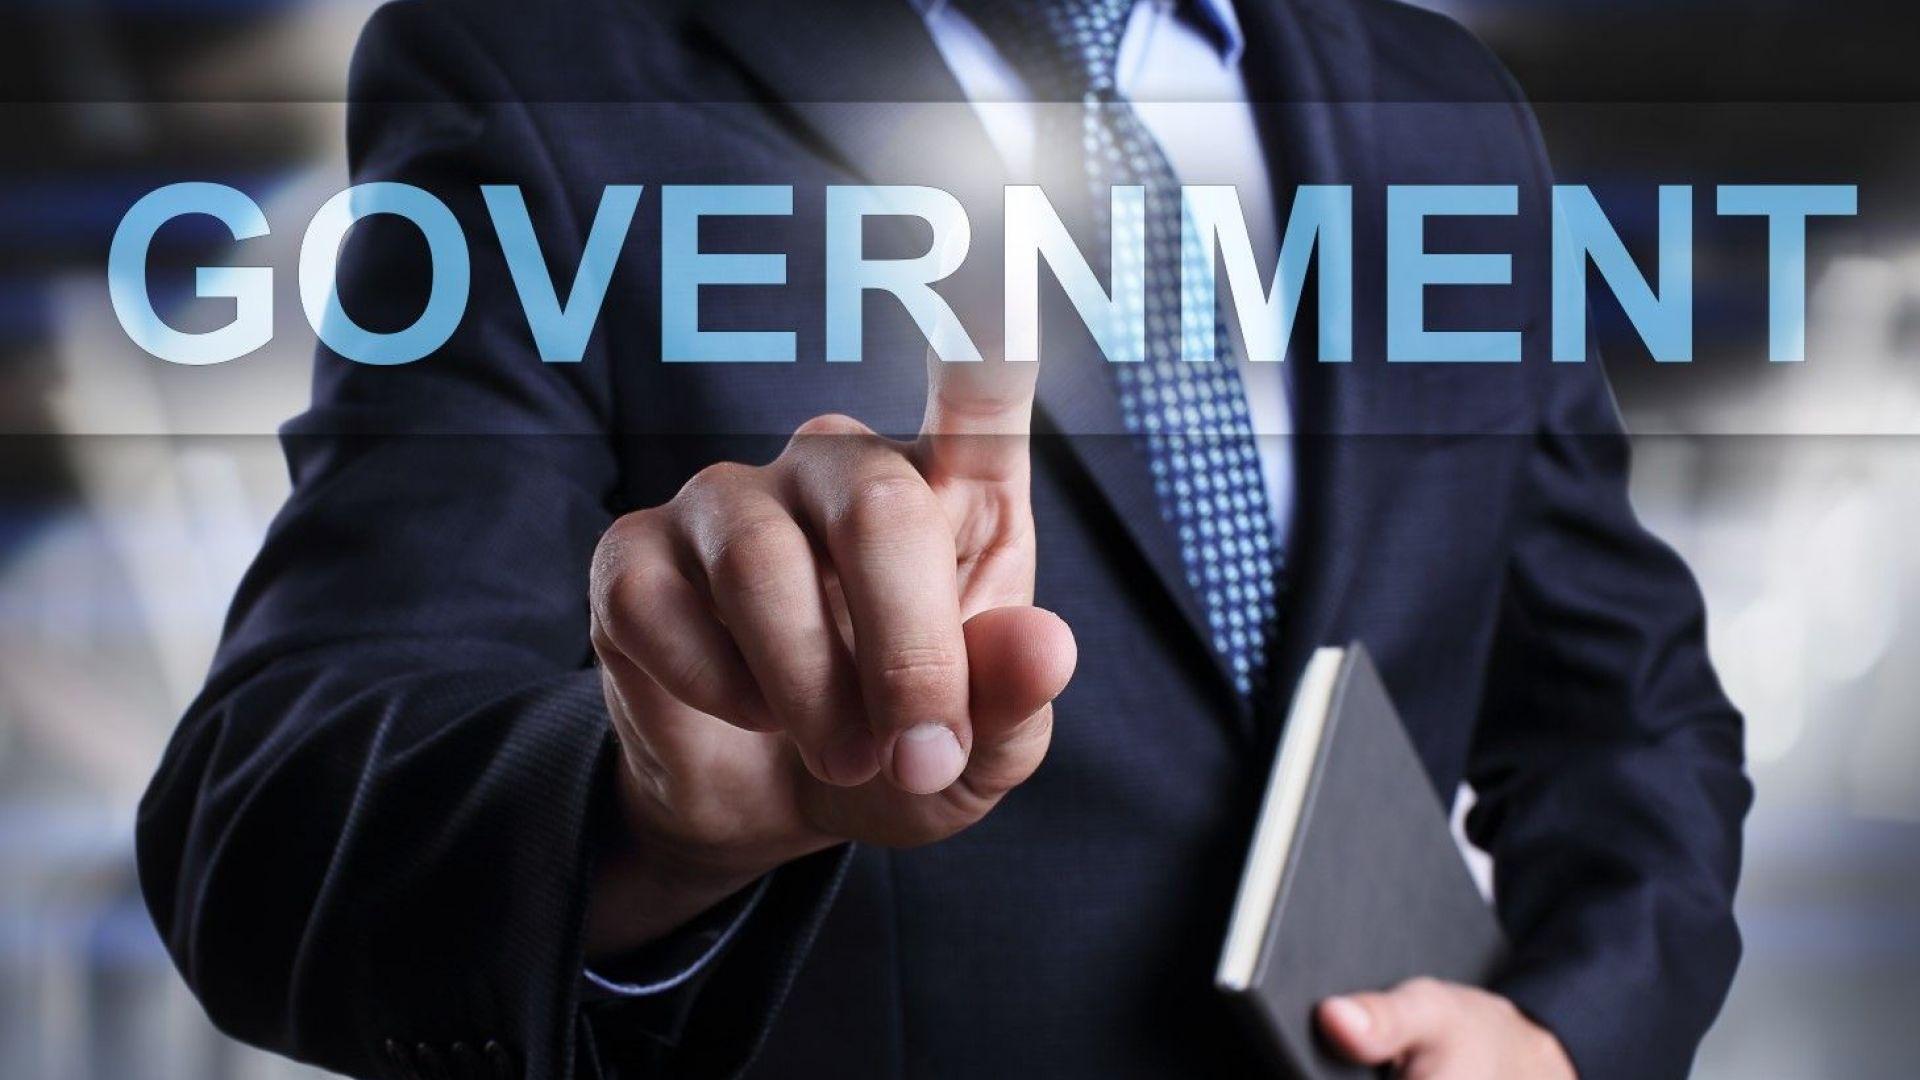 Няма как да се направи е-управление с аналогови политици